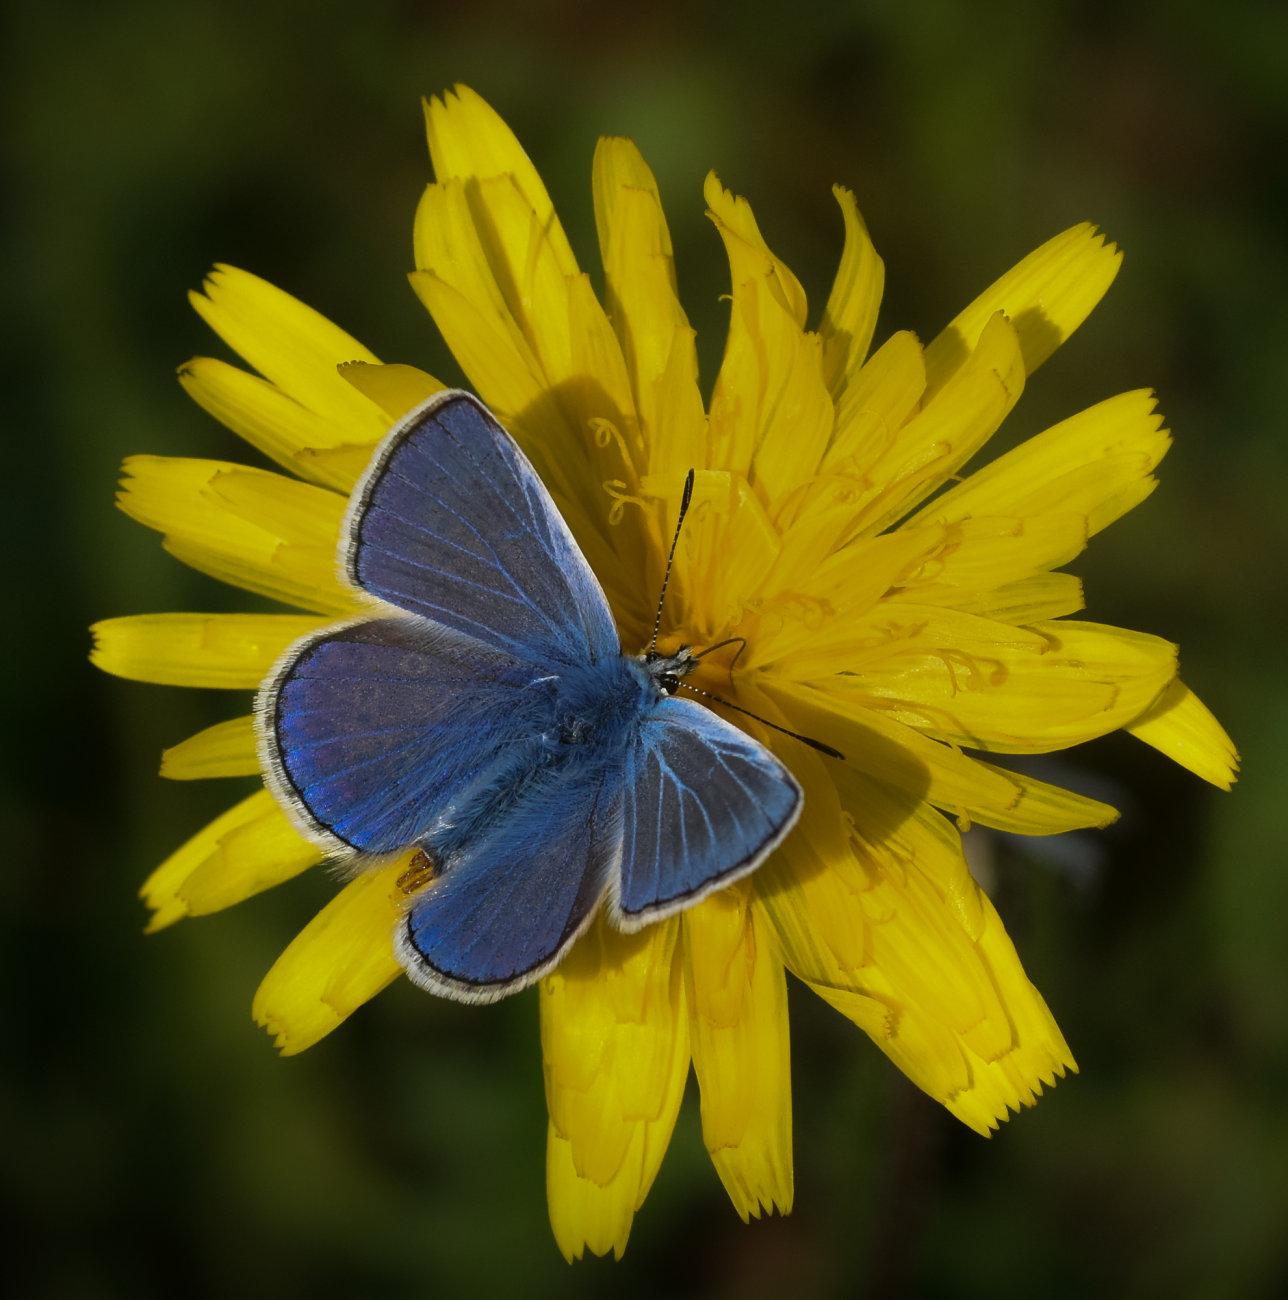 Common Blue on a Dandelion